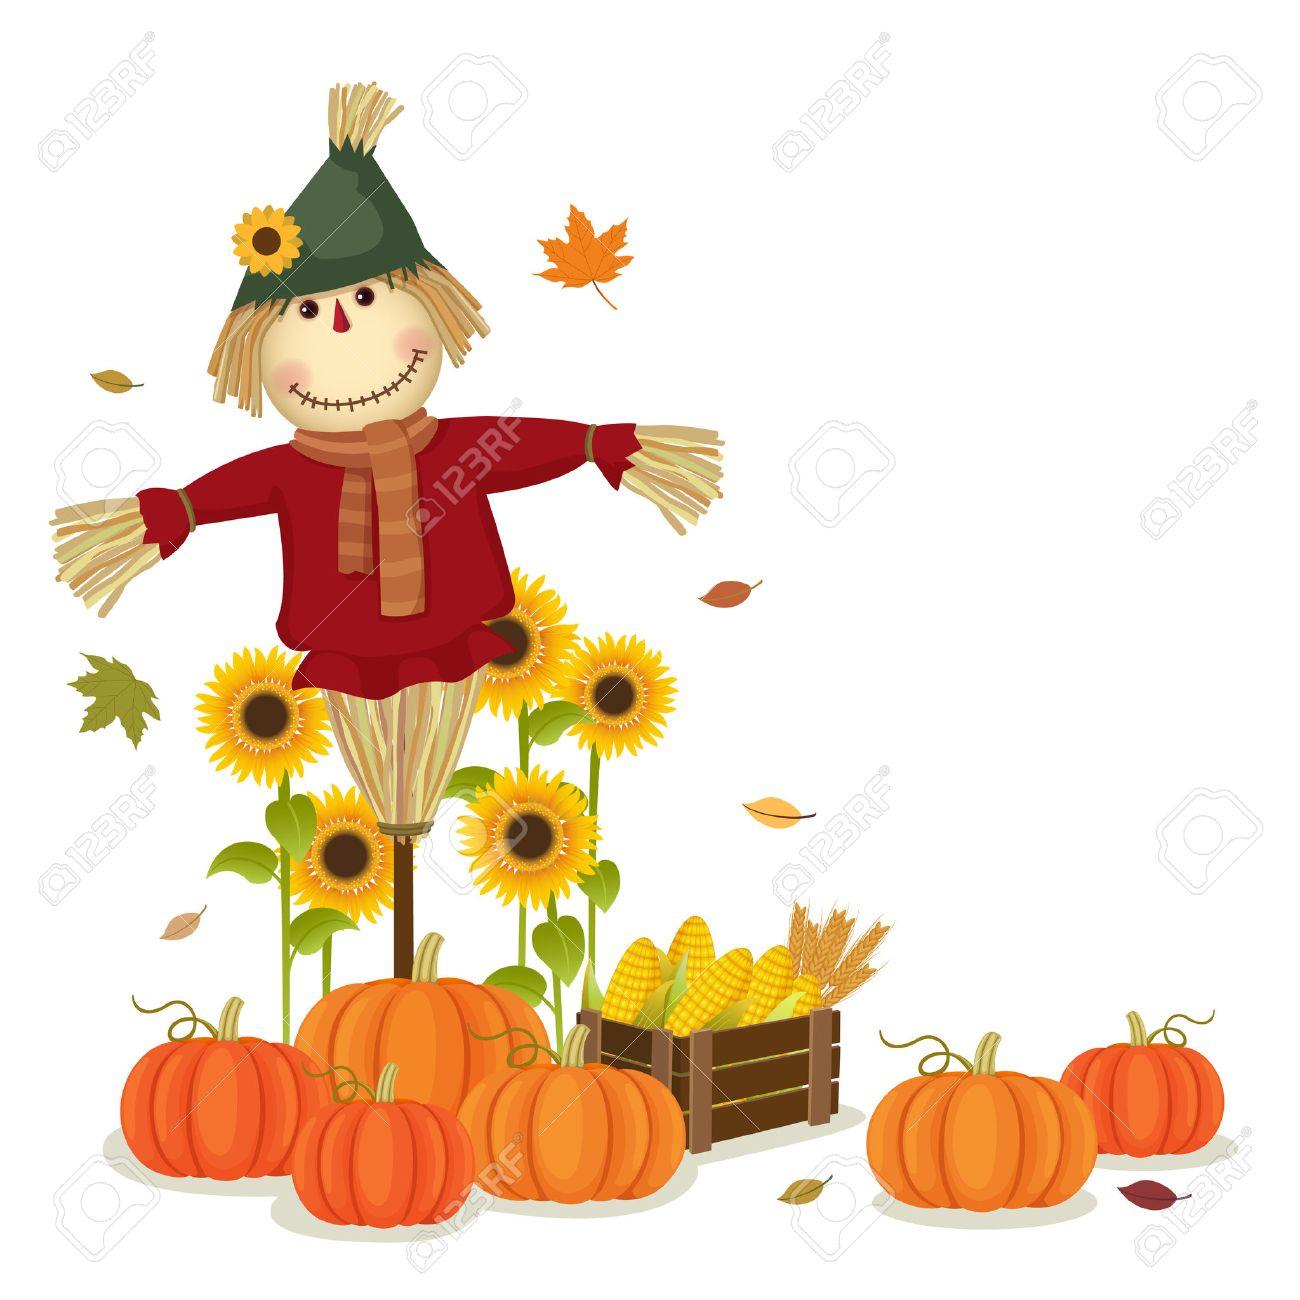 かわいいかかしおよびカボチャと秋の収穫のイラストのイラスト素材